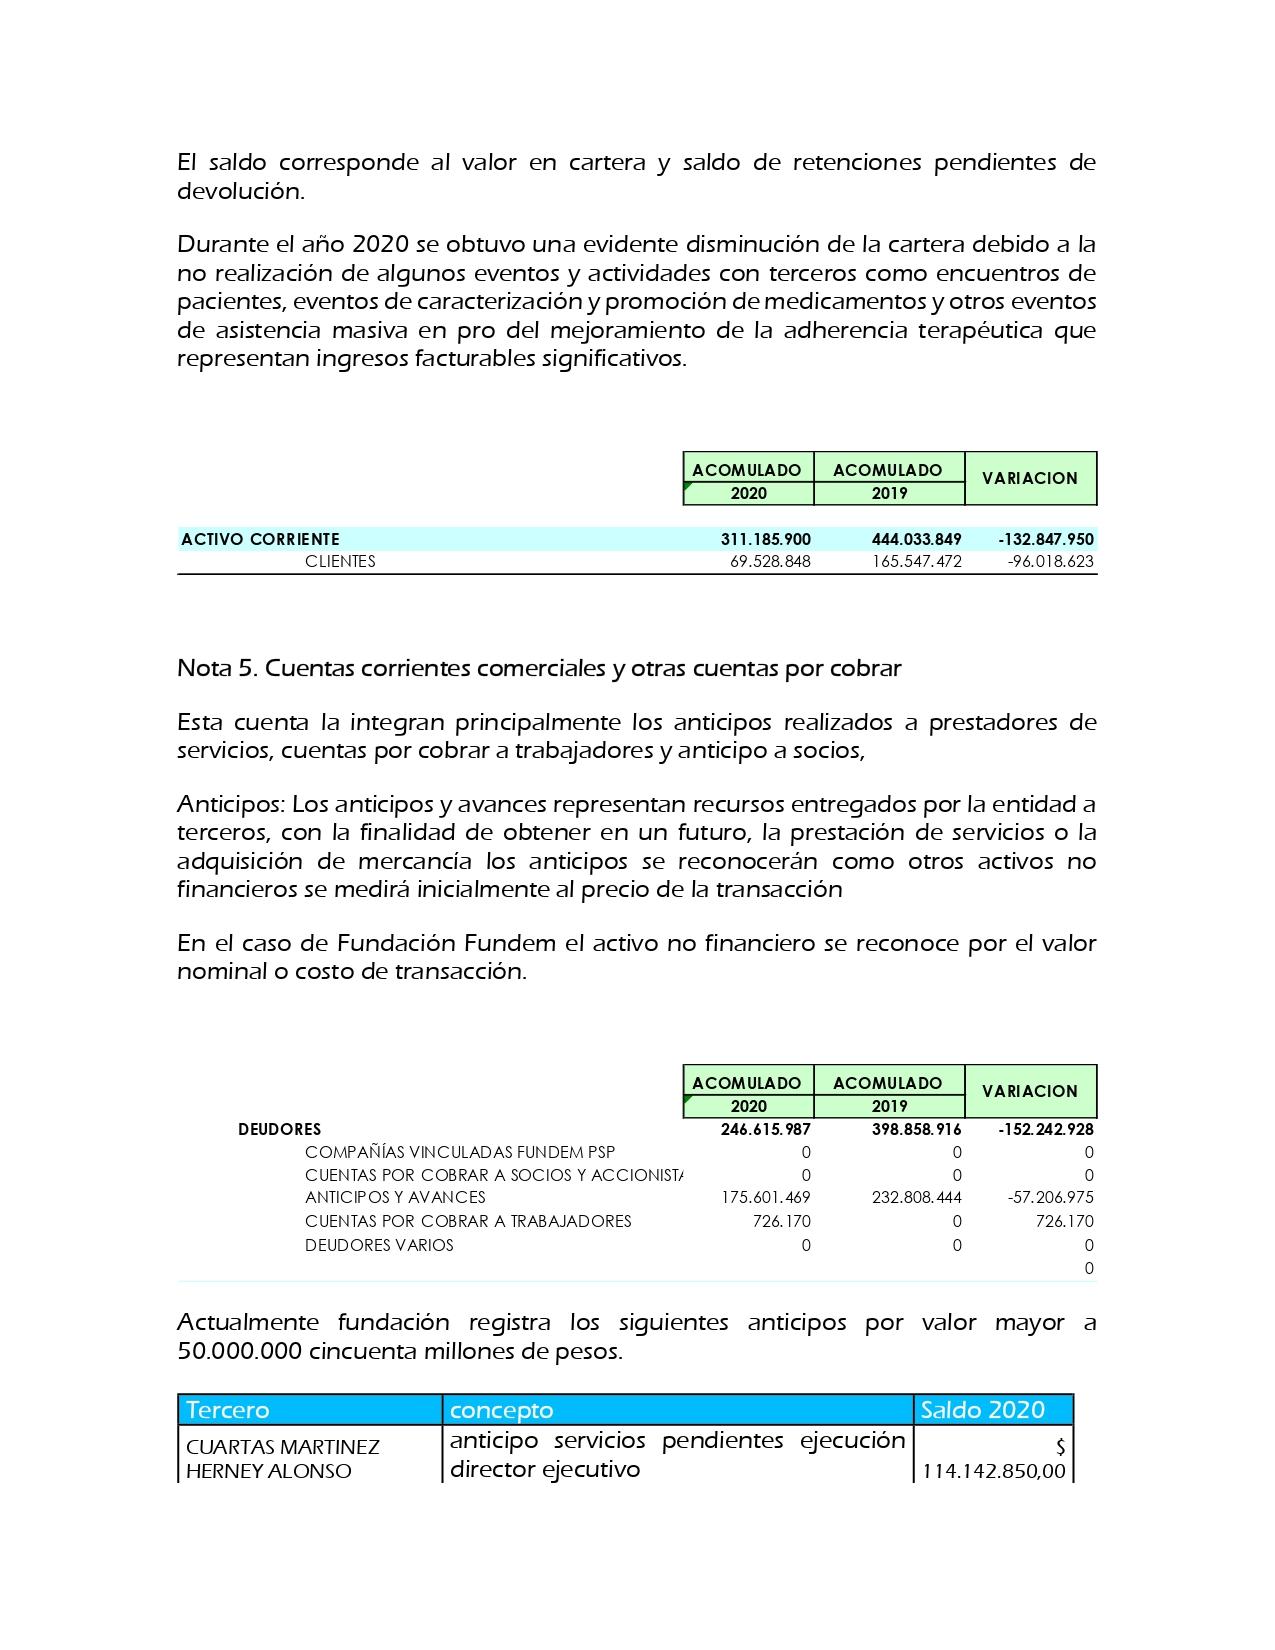 Estados Financieros Fundacion Fundem 2020_page-0015